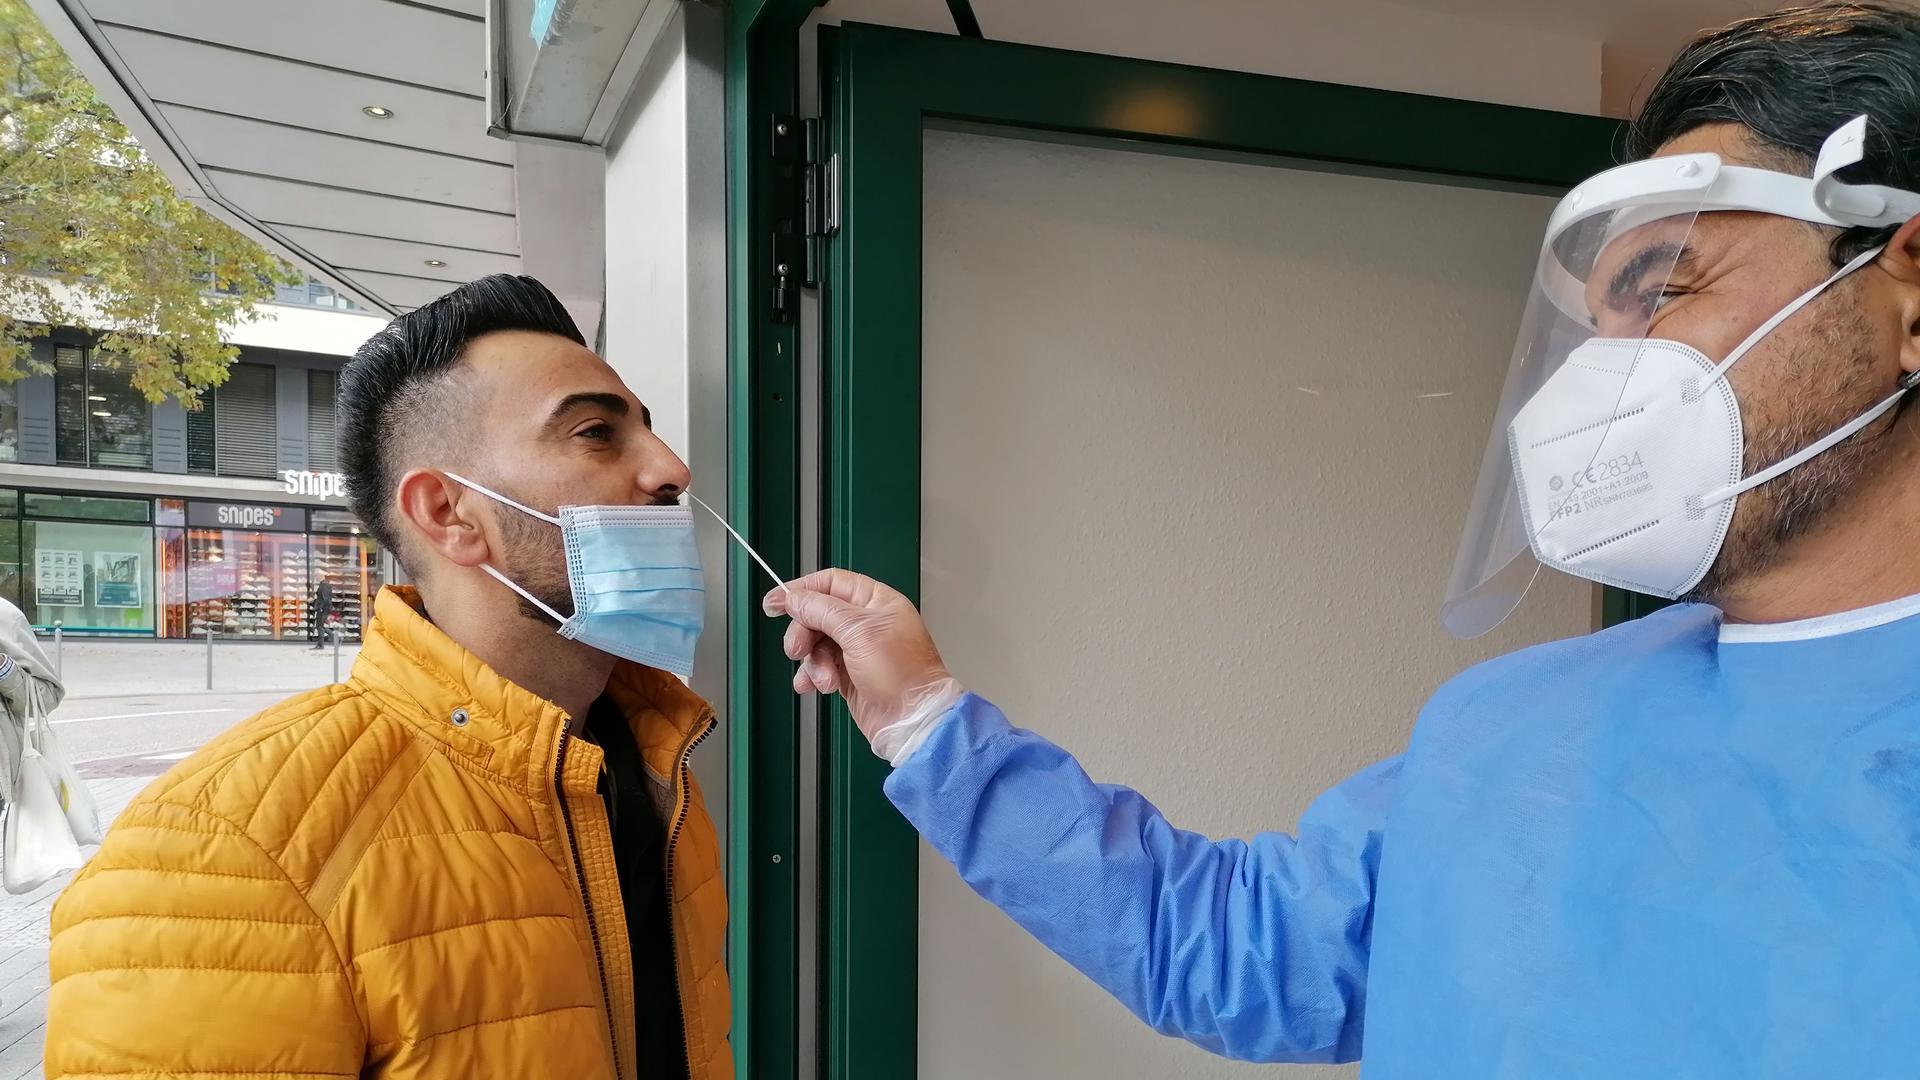 Ein Mann führt per Nasenabstrich einen Corona-Test bei einem anderen Mann durch.